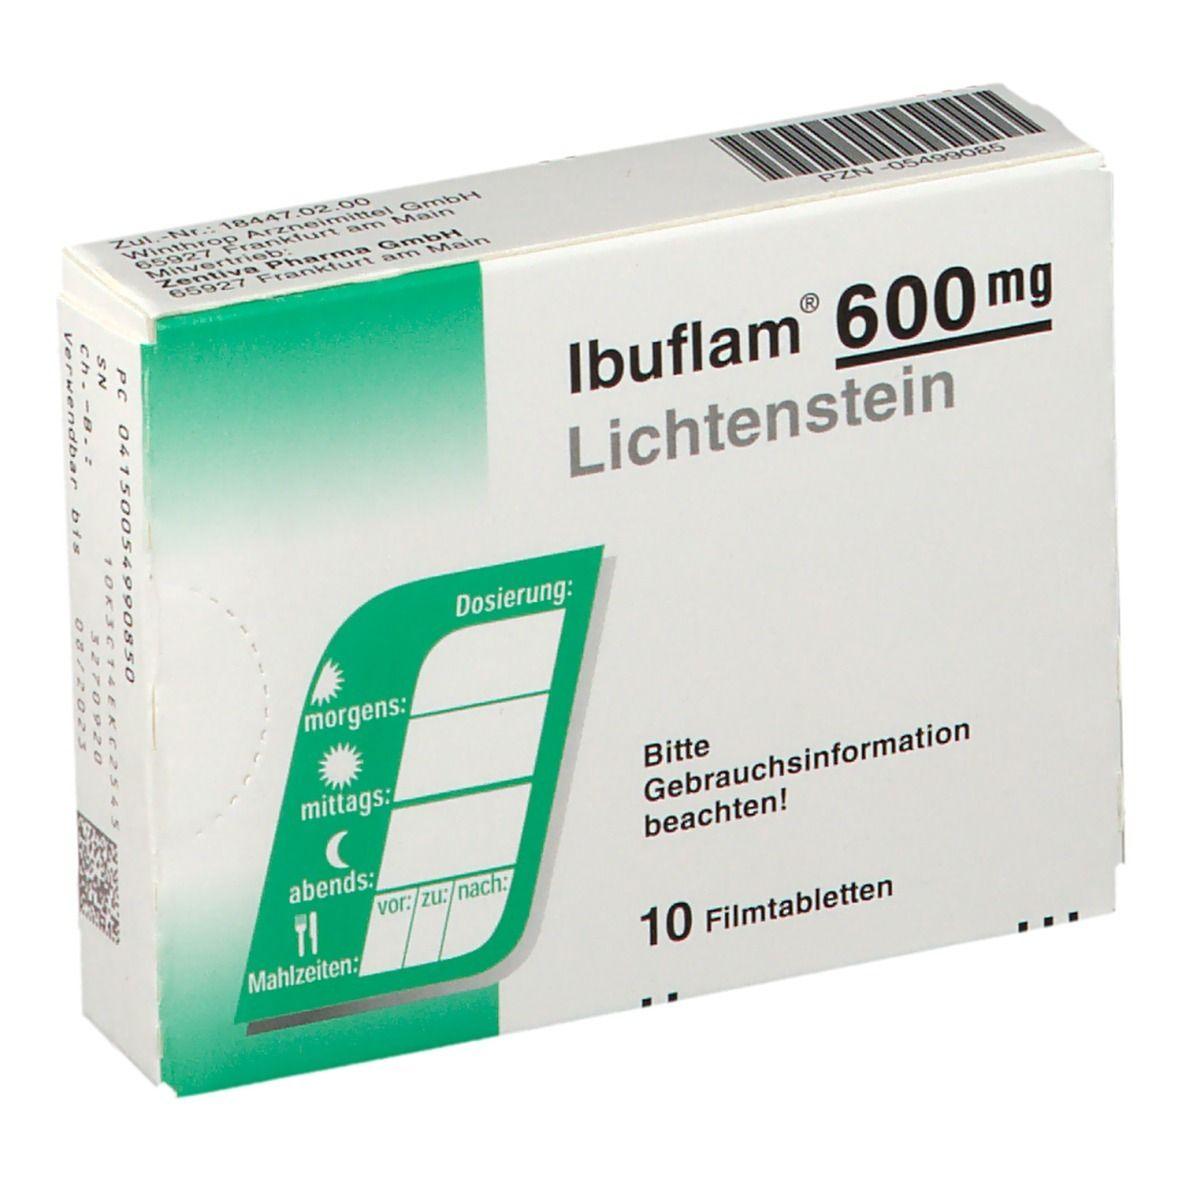 IBUFLAM 600 mg Lichtenstein 10 St - shop-apotheke.com